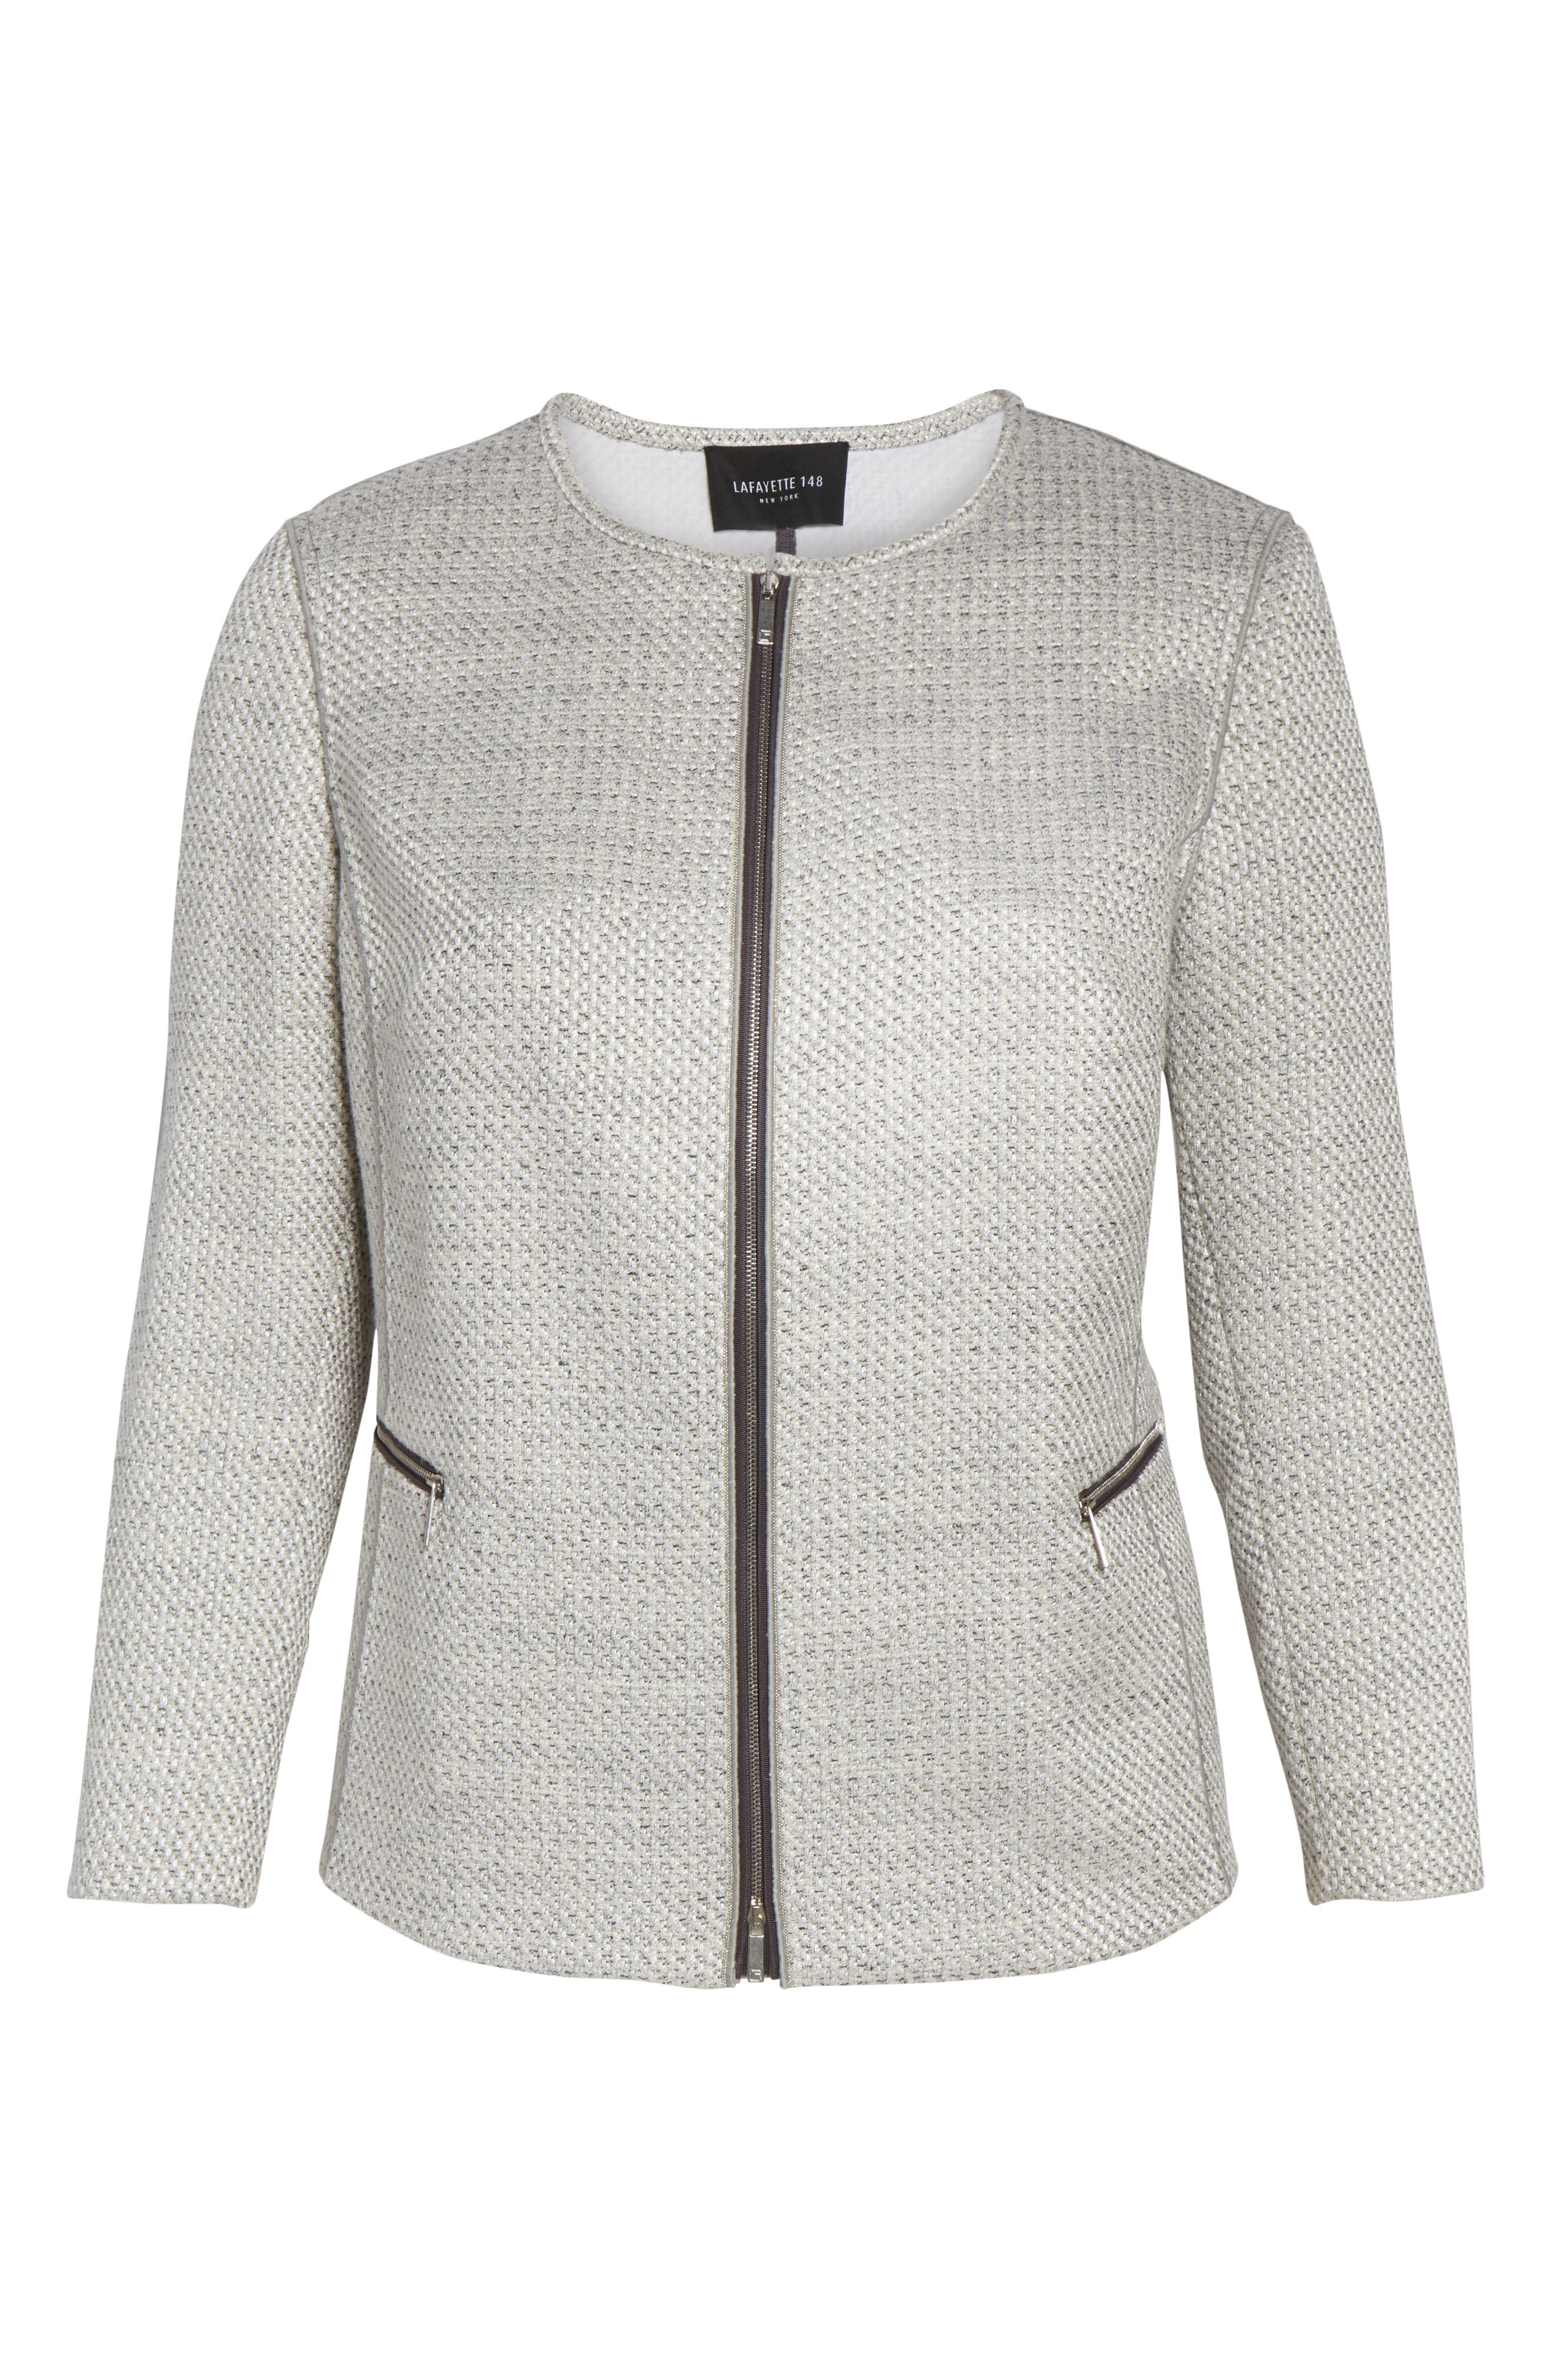 Kerrington Tweed Jacket,                             Alternate thumbnail 5, color,                             RAIN MULTI